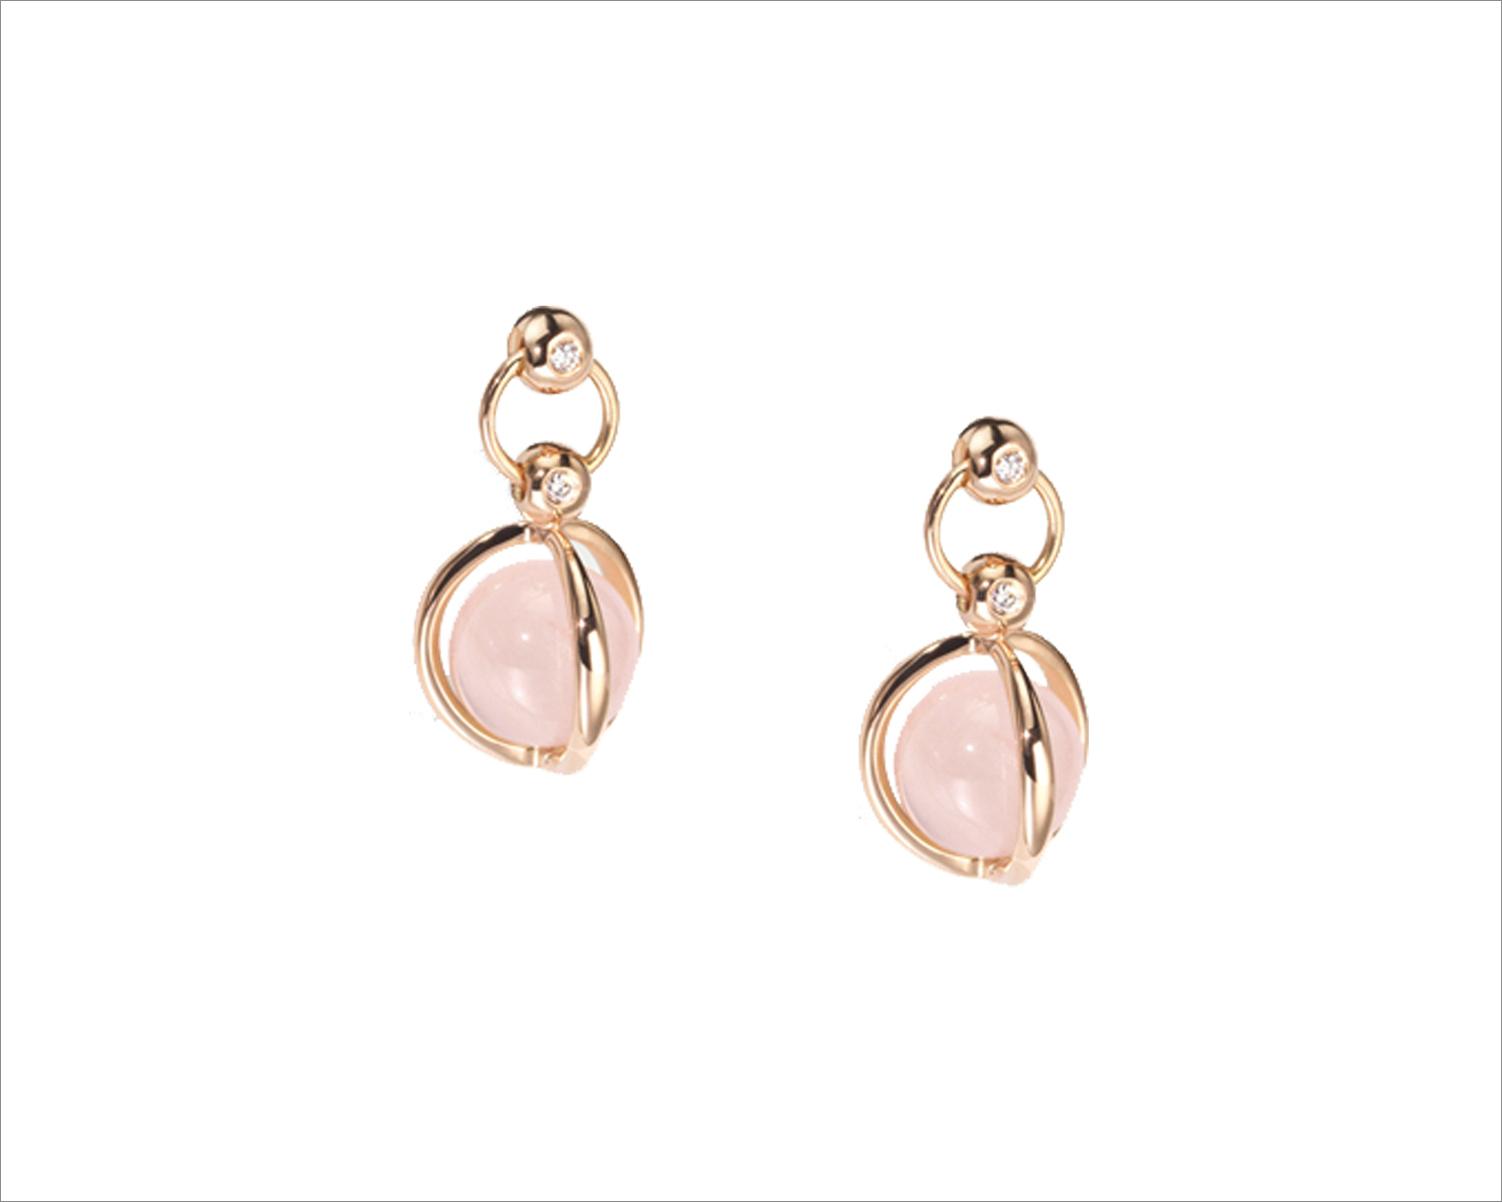 Furrer Jacot rose quartz earrings Mother's Day gift idea